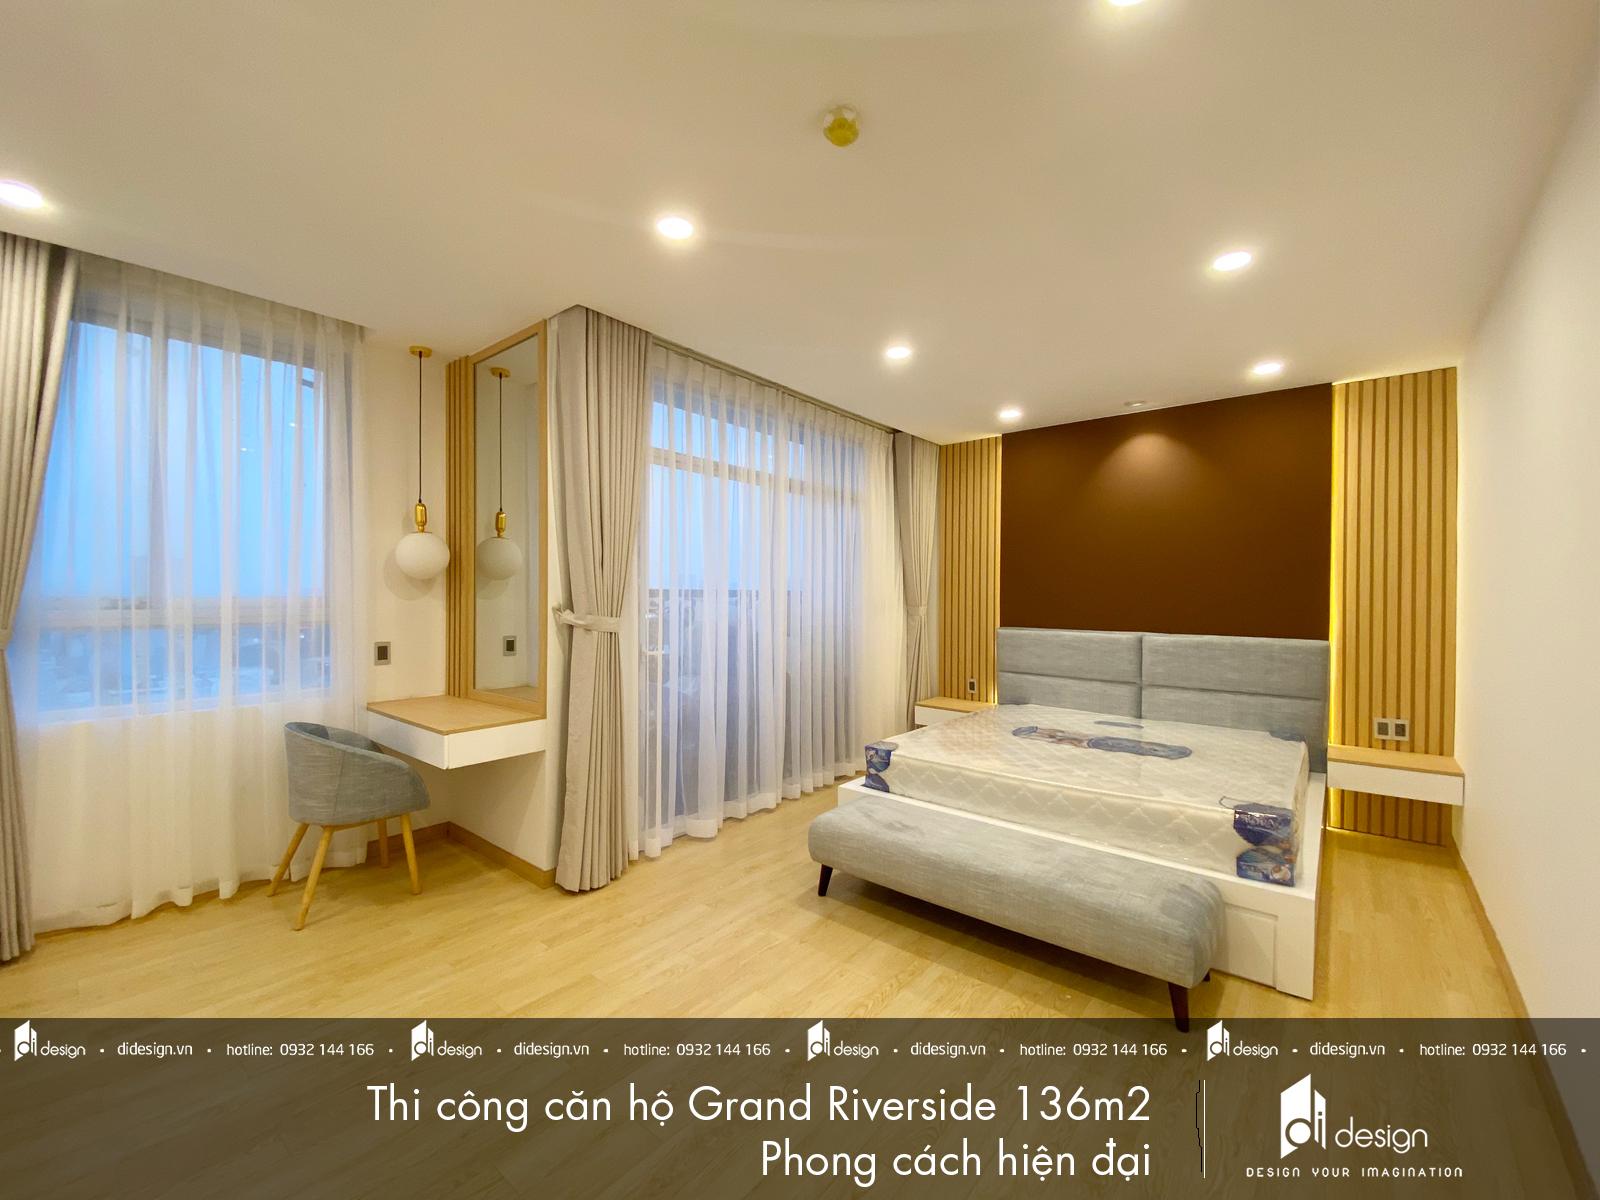 Thi công nội thất căn hộ Grand Riverside 136m2